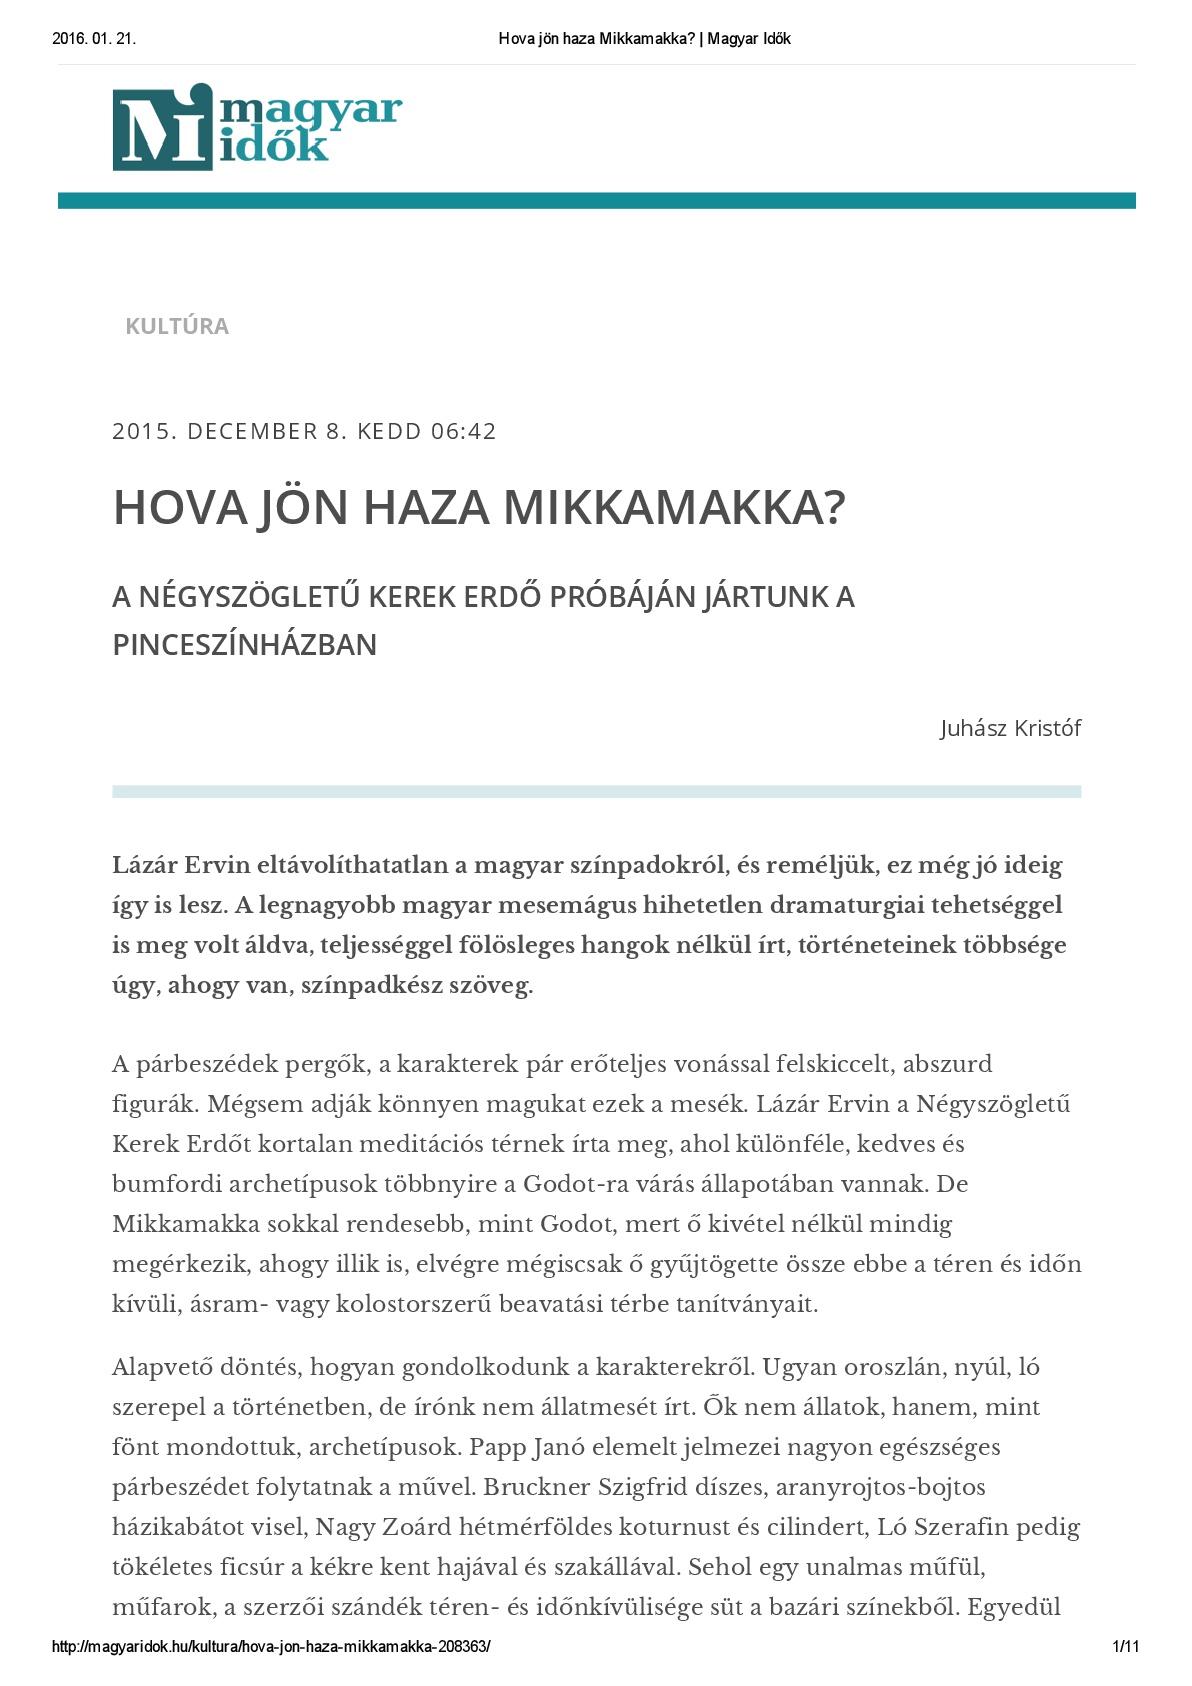 Hova-jon-haza-Mikkamakka_-_-Magyar-Idok-1-3-001